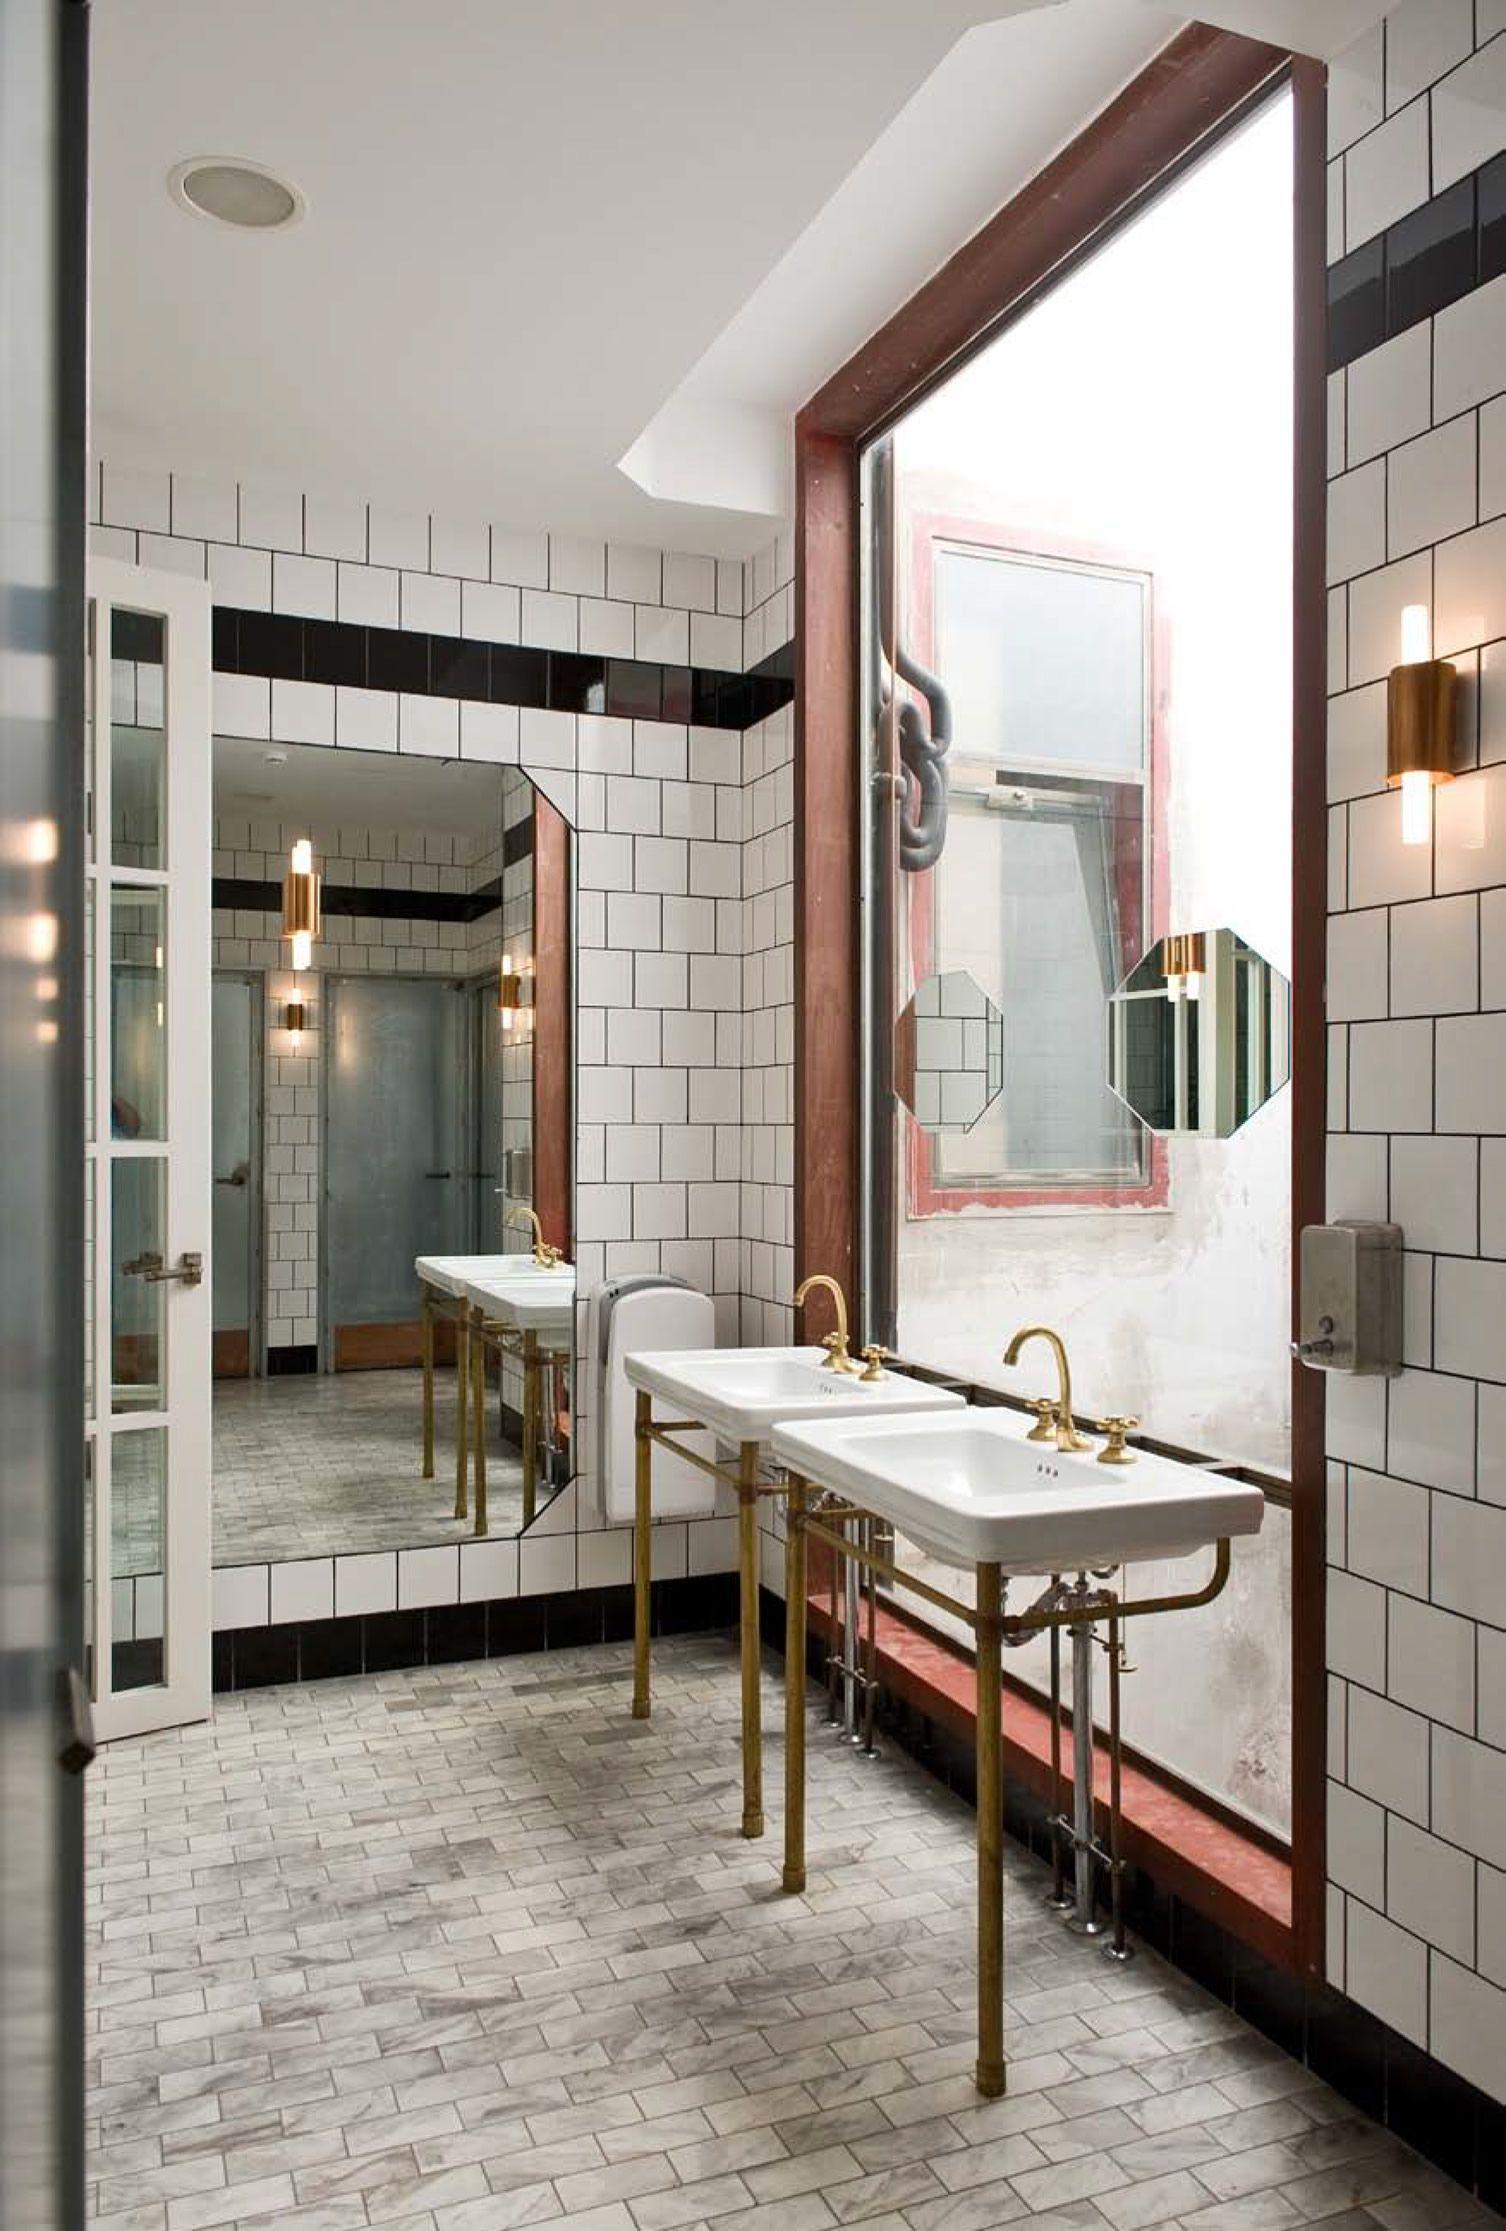 Genial Unusual Bathroom Designs We Totally Love